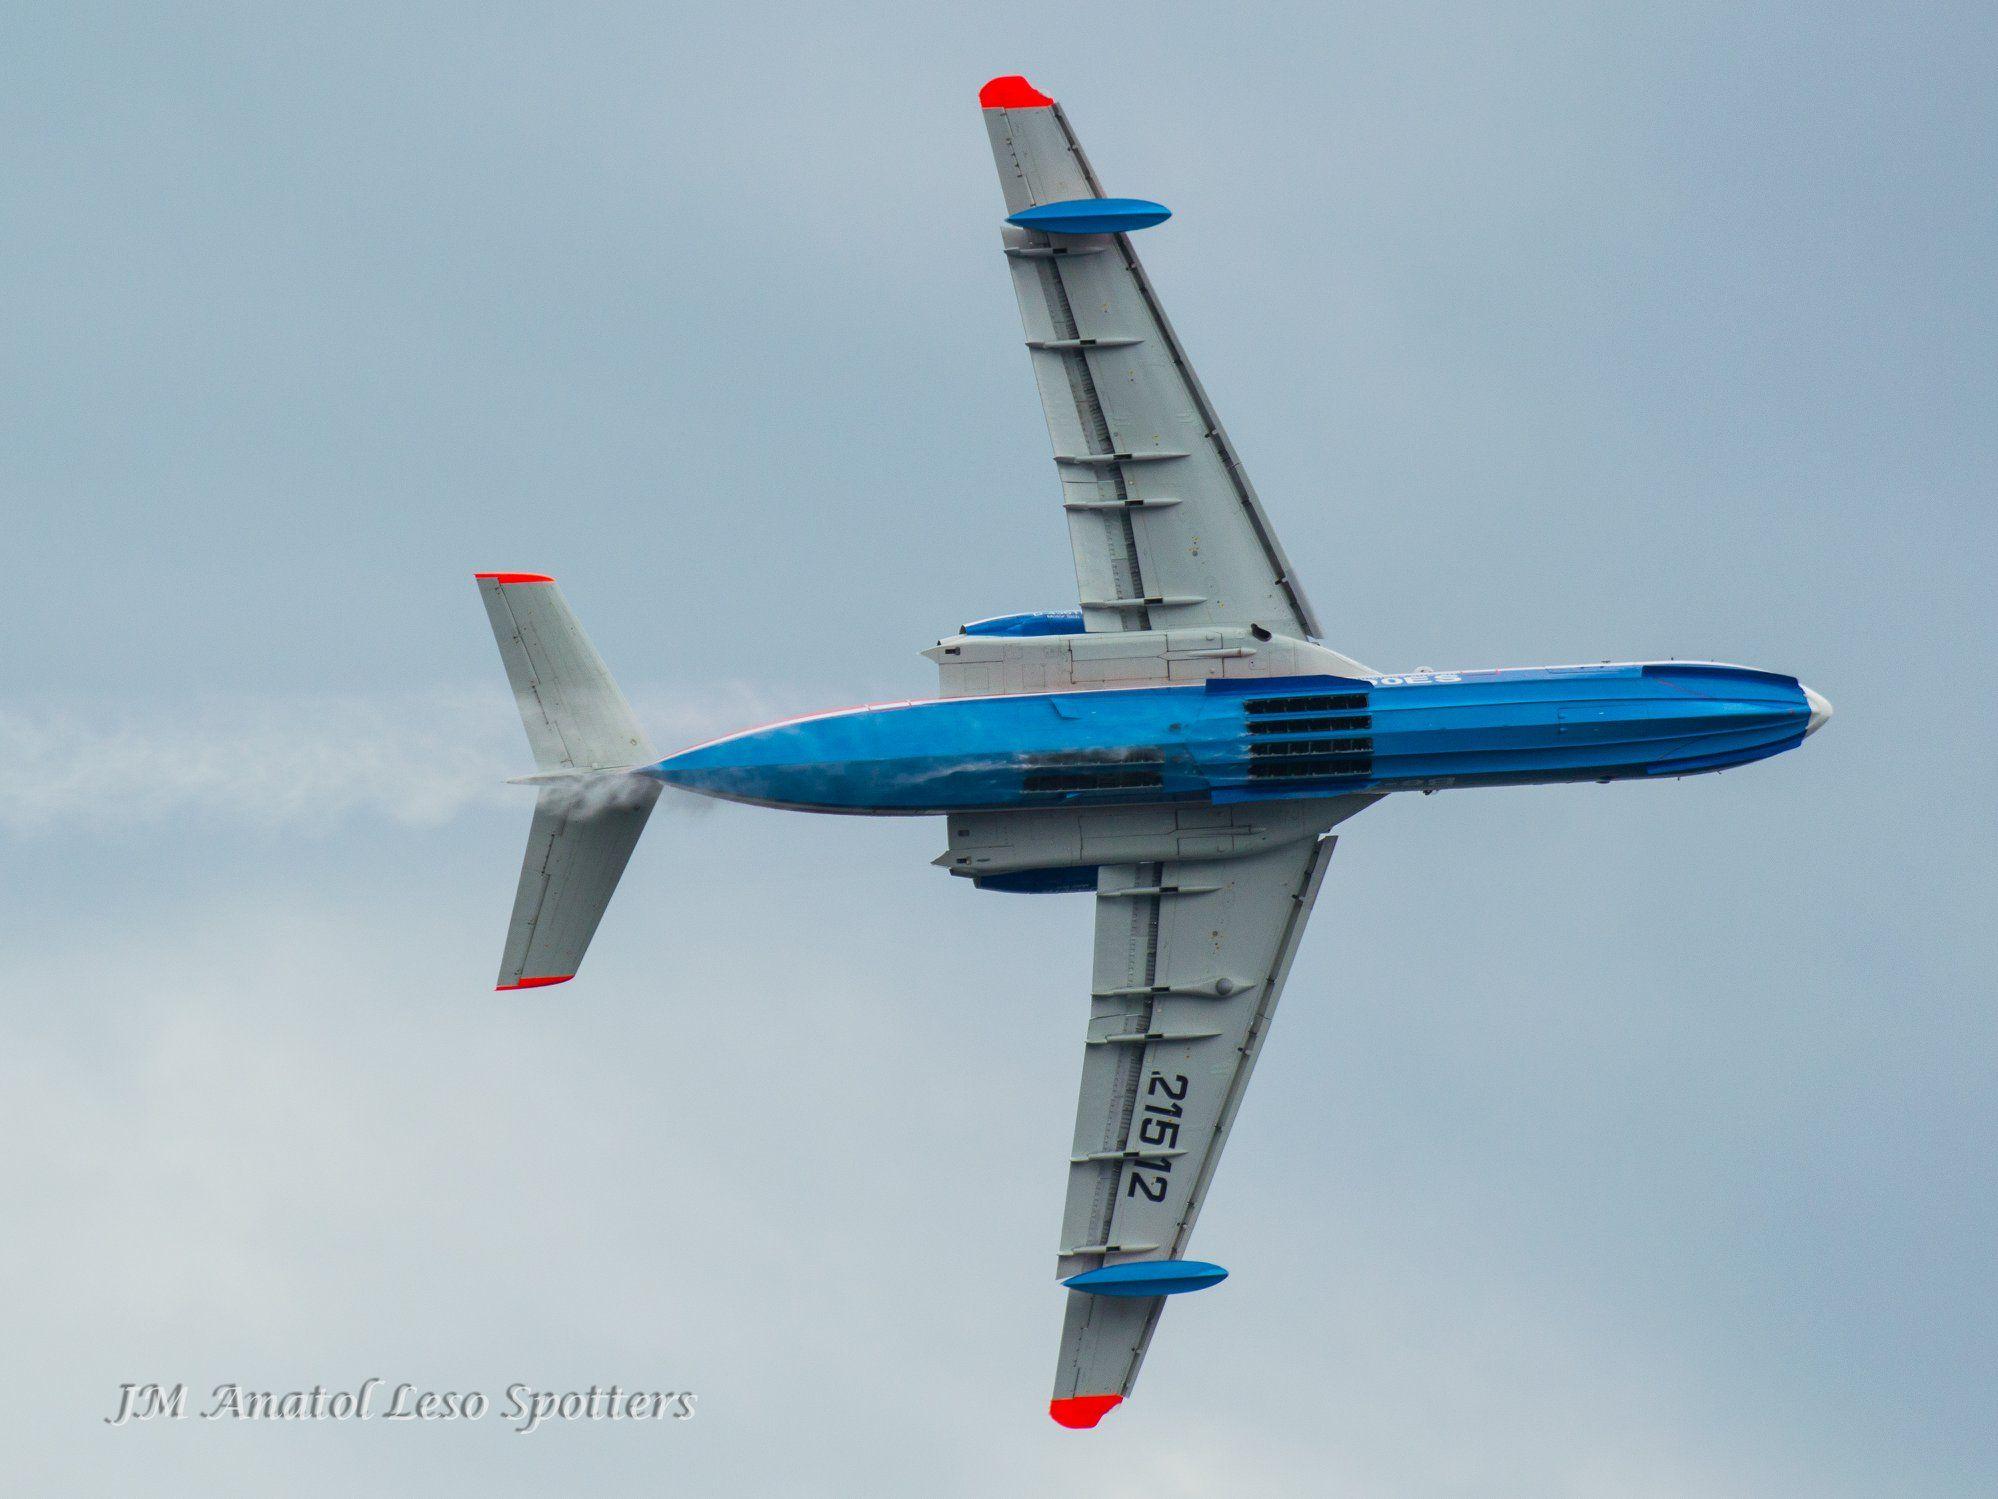 La presencia de este avión anfibio fue una de las asistencias más destacadas